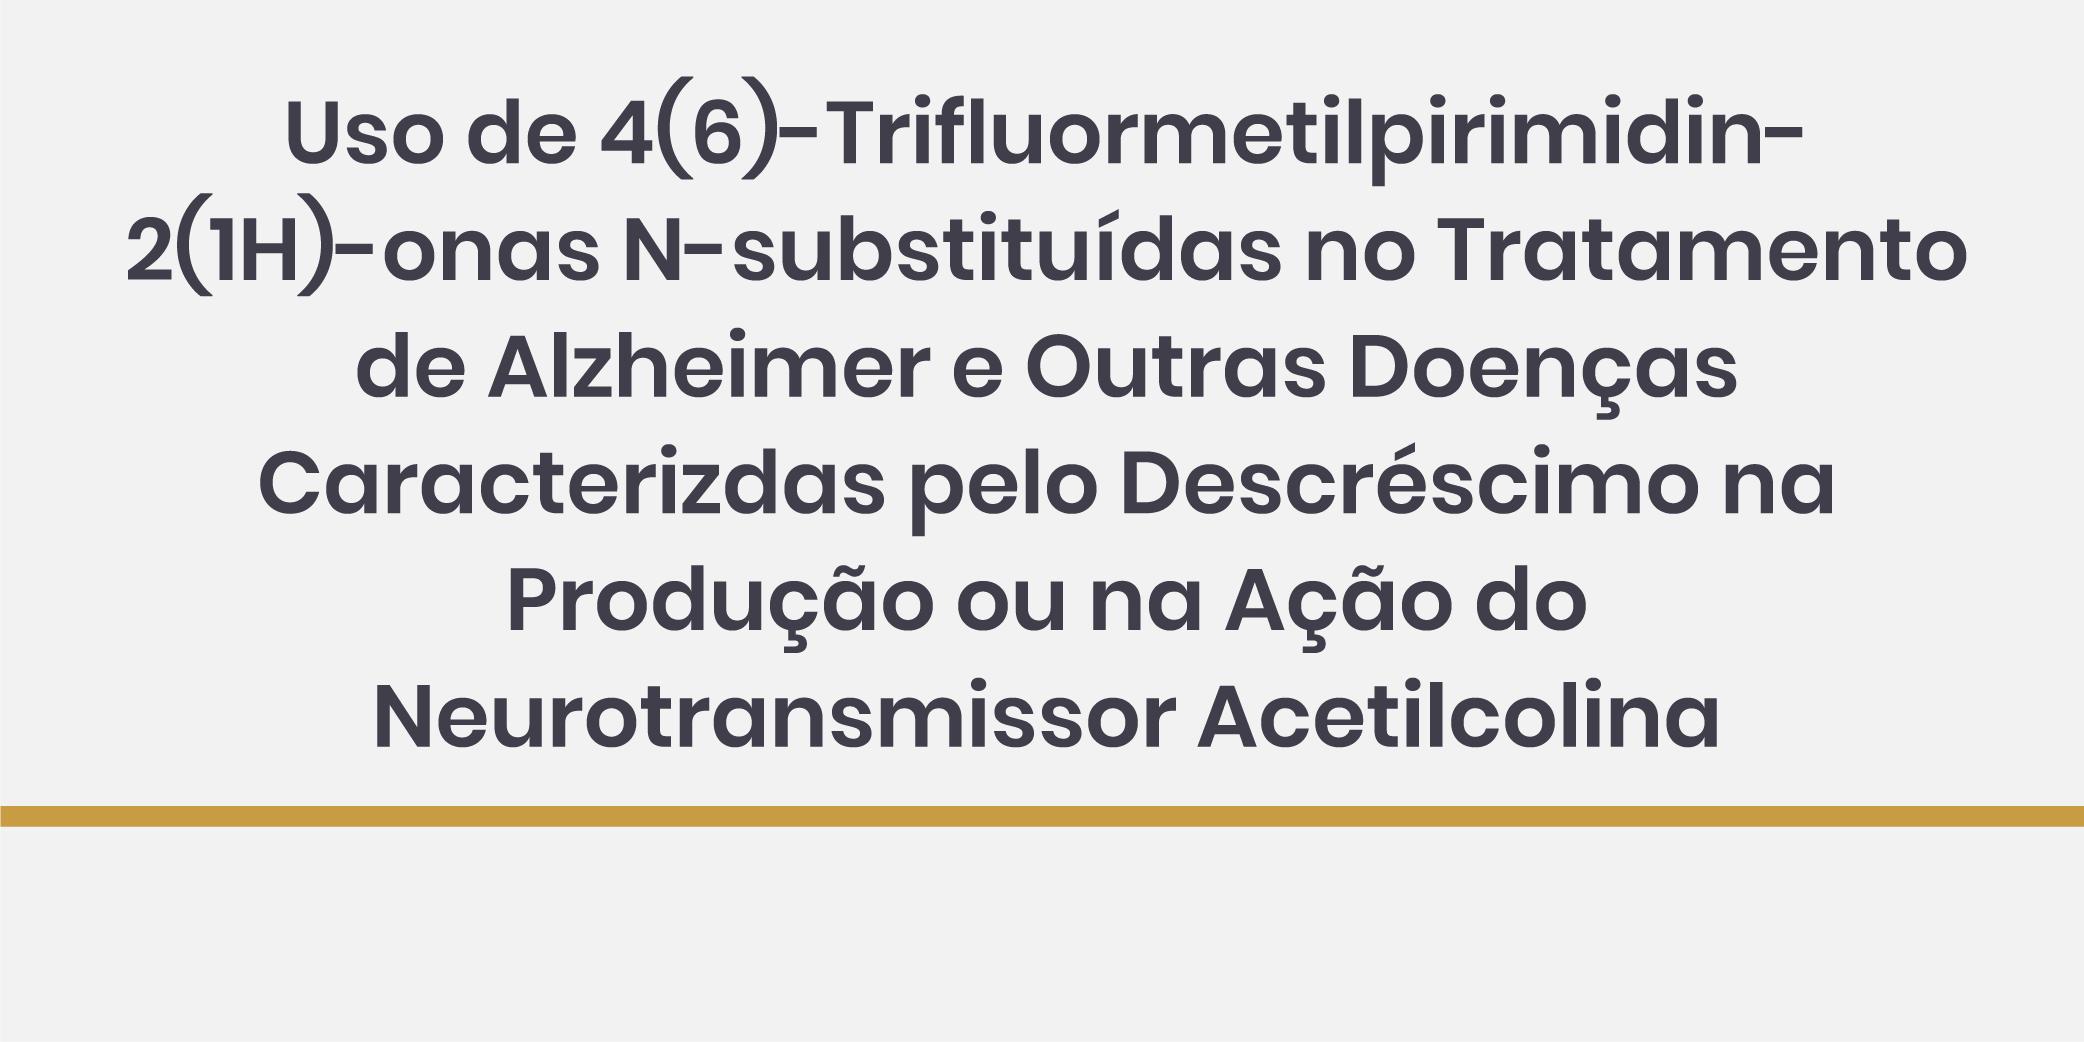 Uso de 4(6)-Trifluormetilpirimidin-2(1H)-onas N-substituídas no Tratamento de Alzheimer e Outras Doenças Caracterizdas pelo Descréscimo na Produção ou na Ação do Neurotransmissor Acetilcolina